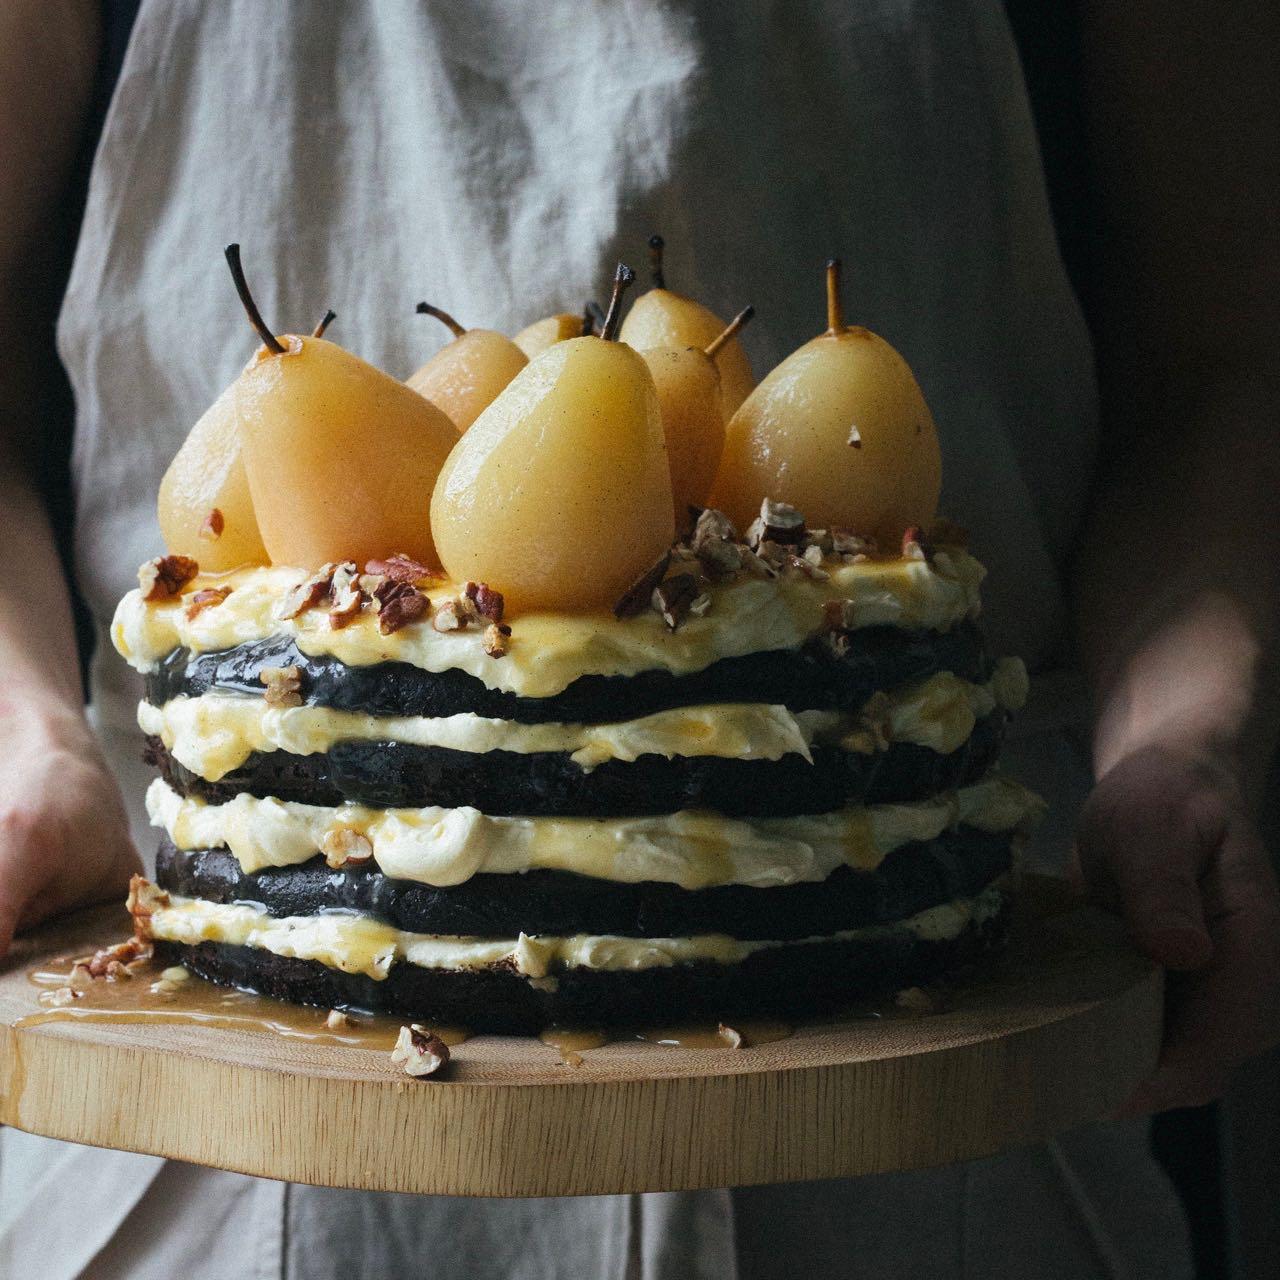 Spiced Chocolate Cake with Caramel Pears - torta al cioccolato speziata con pere caramellate